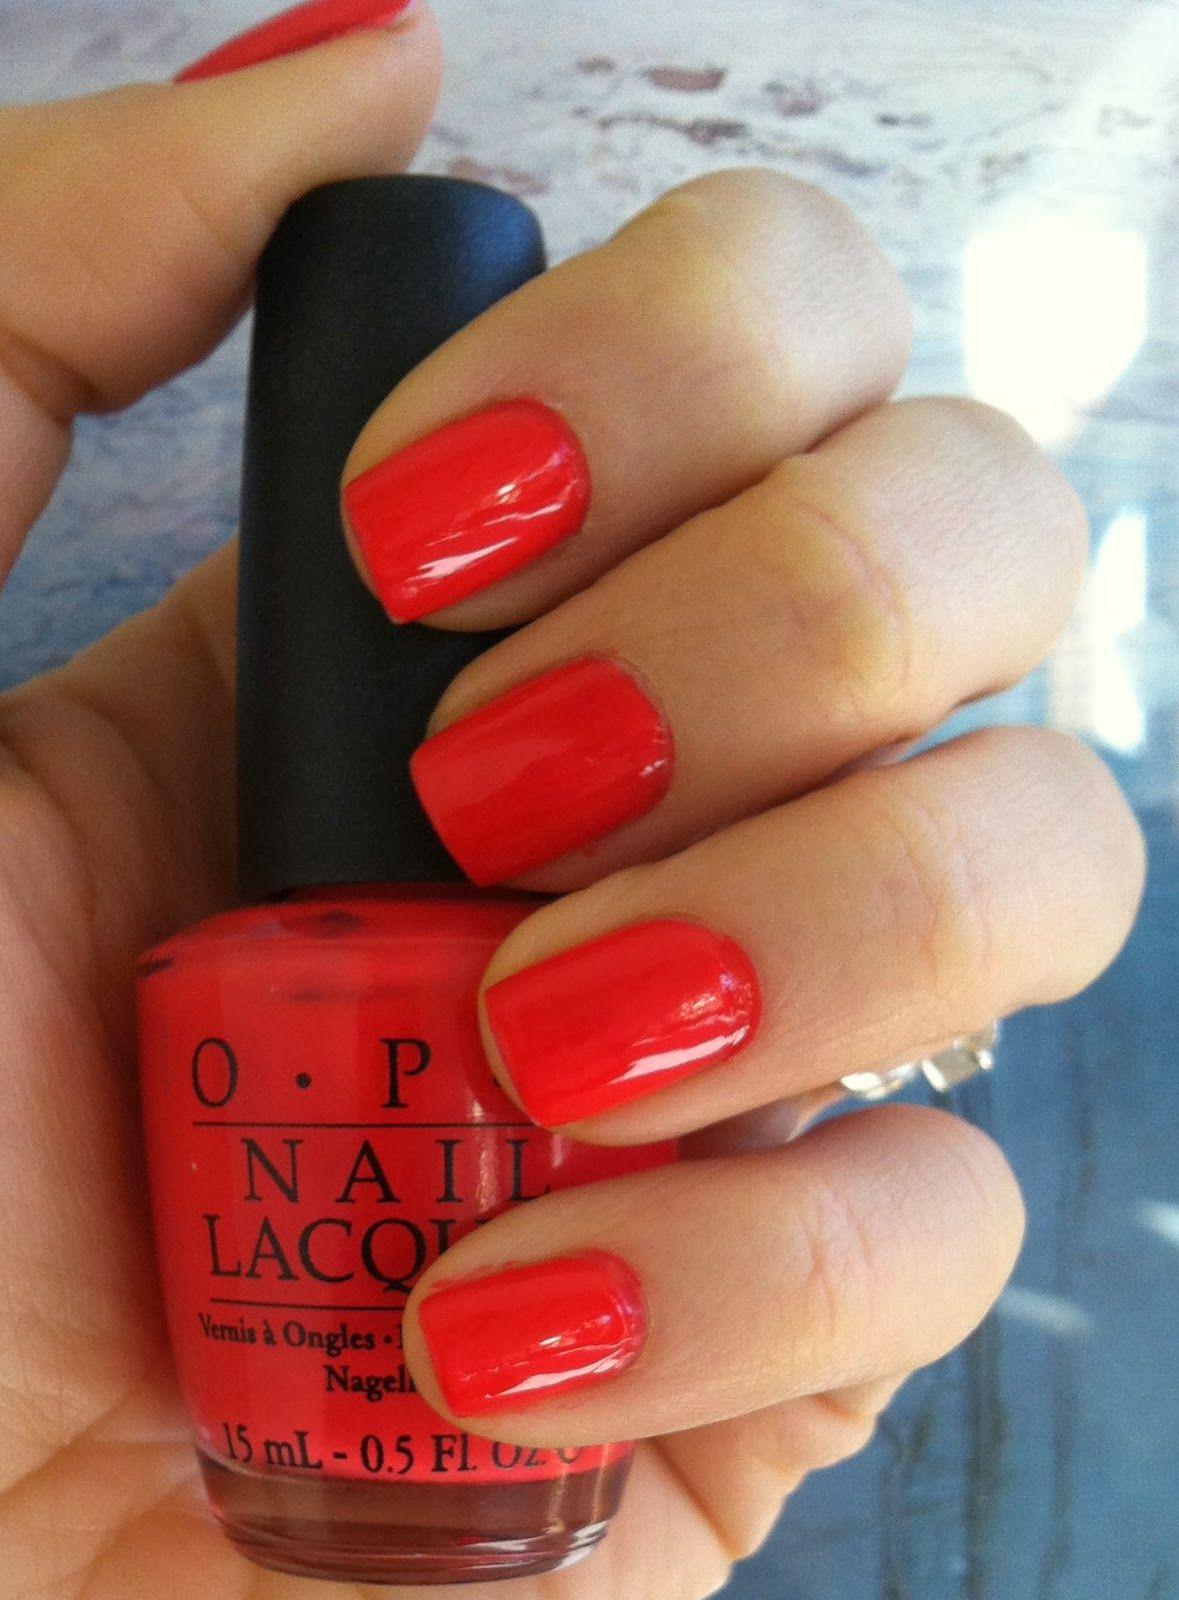 Opi Cajun Shrimp Nail Polish Knotter Favorite Color